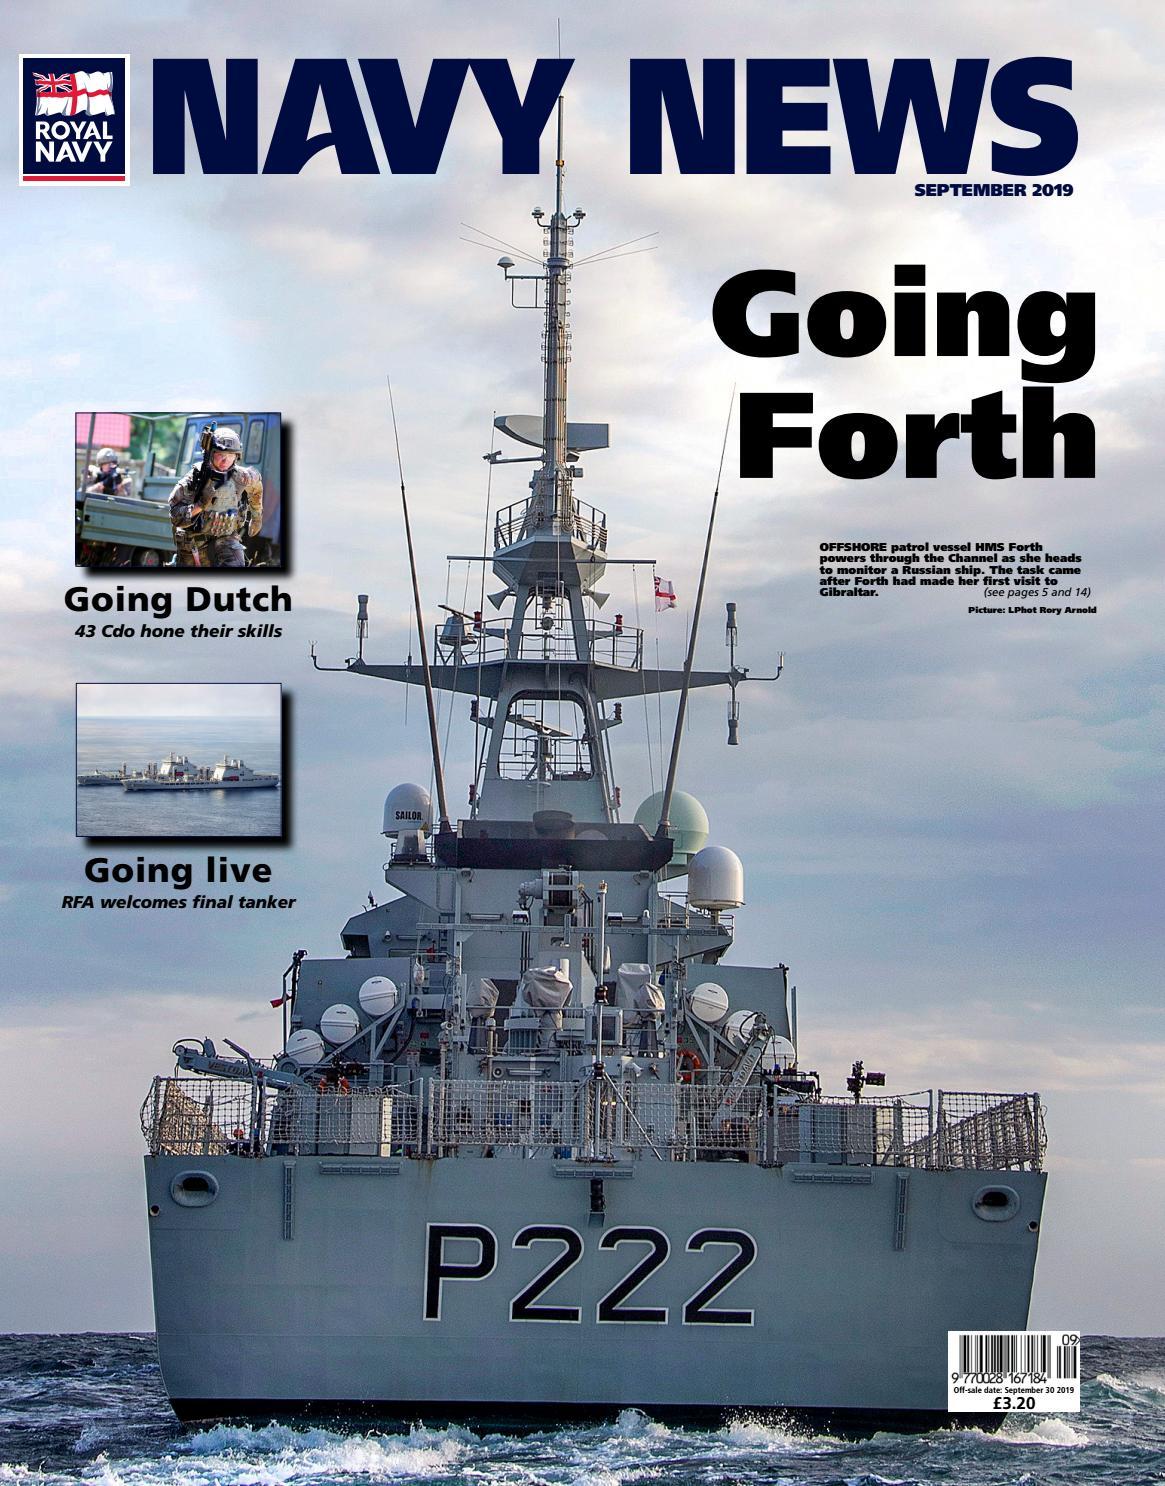 LIMITED EDITION ART 25 HMS ARTFUL